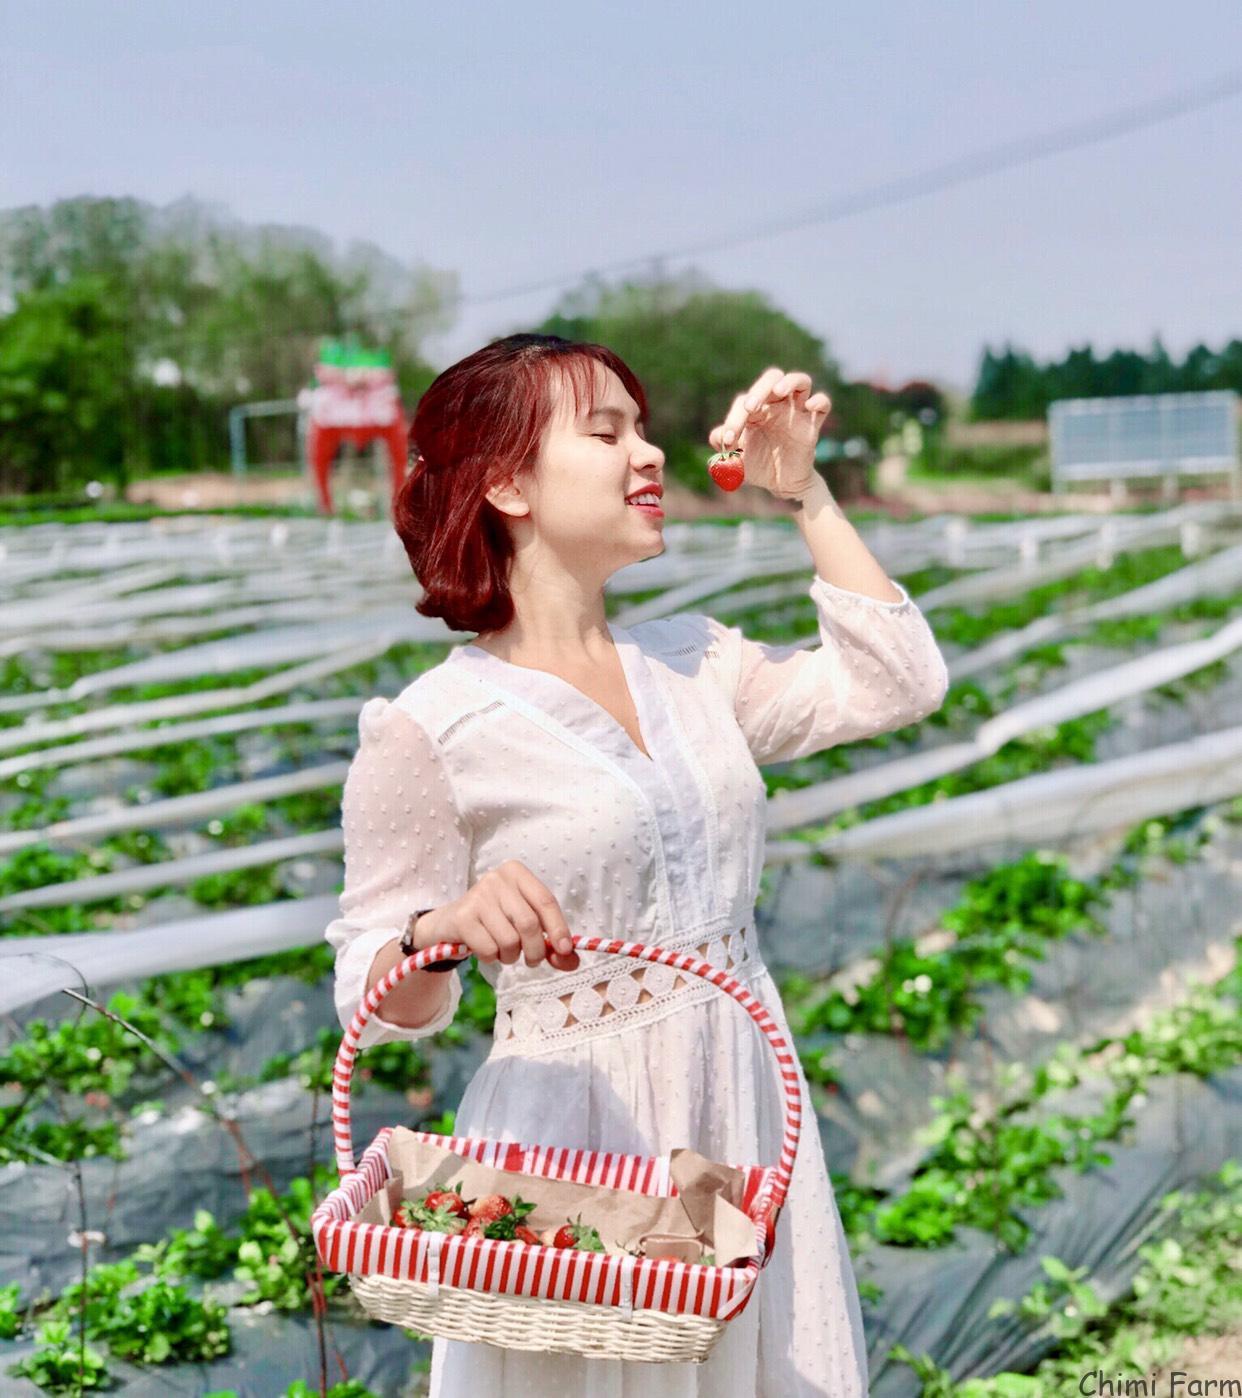 Chụp ảnh vườn dâu Chimi vào một ngày nắng đẹp